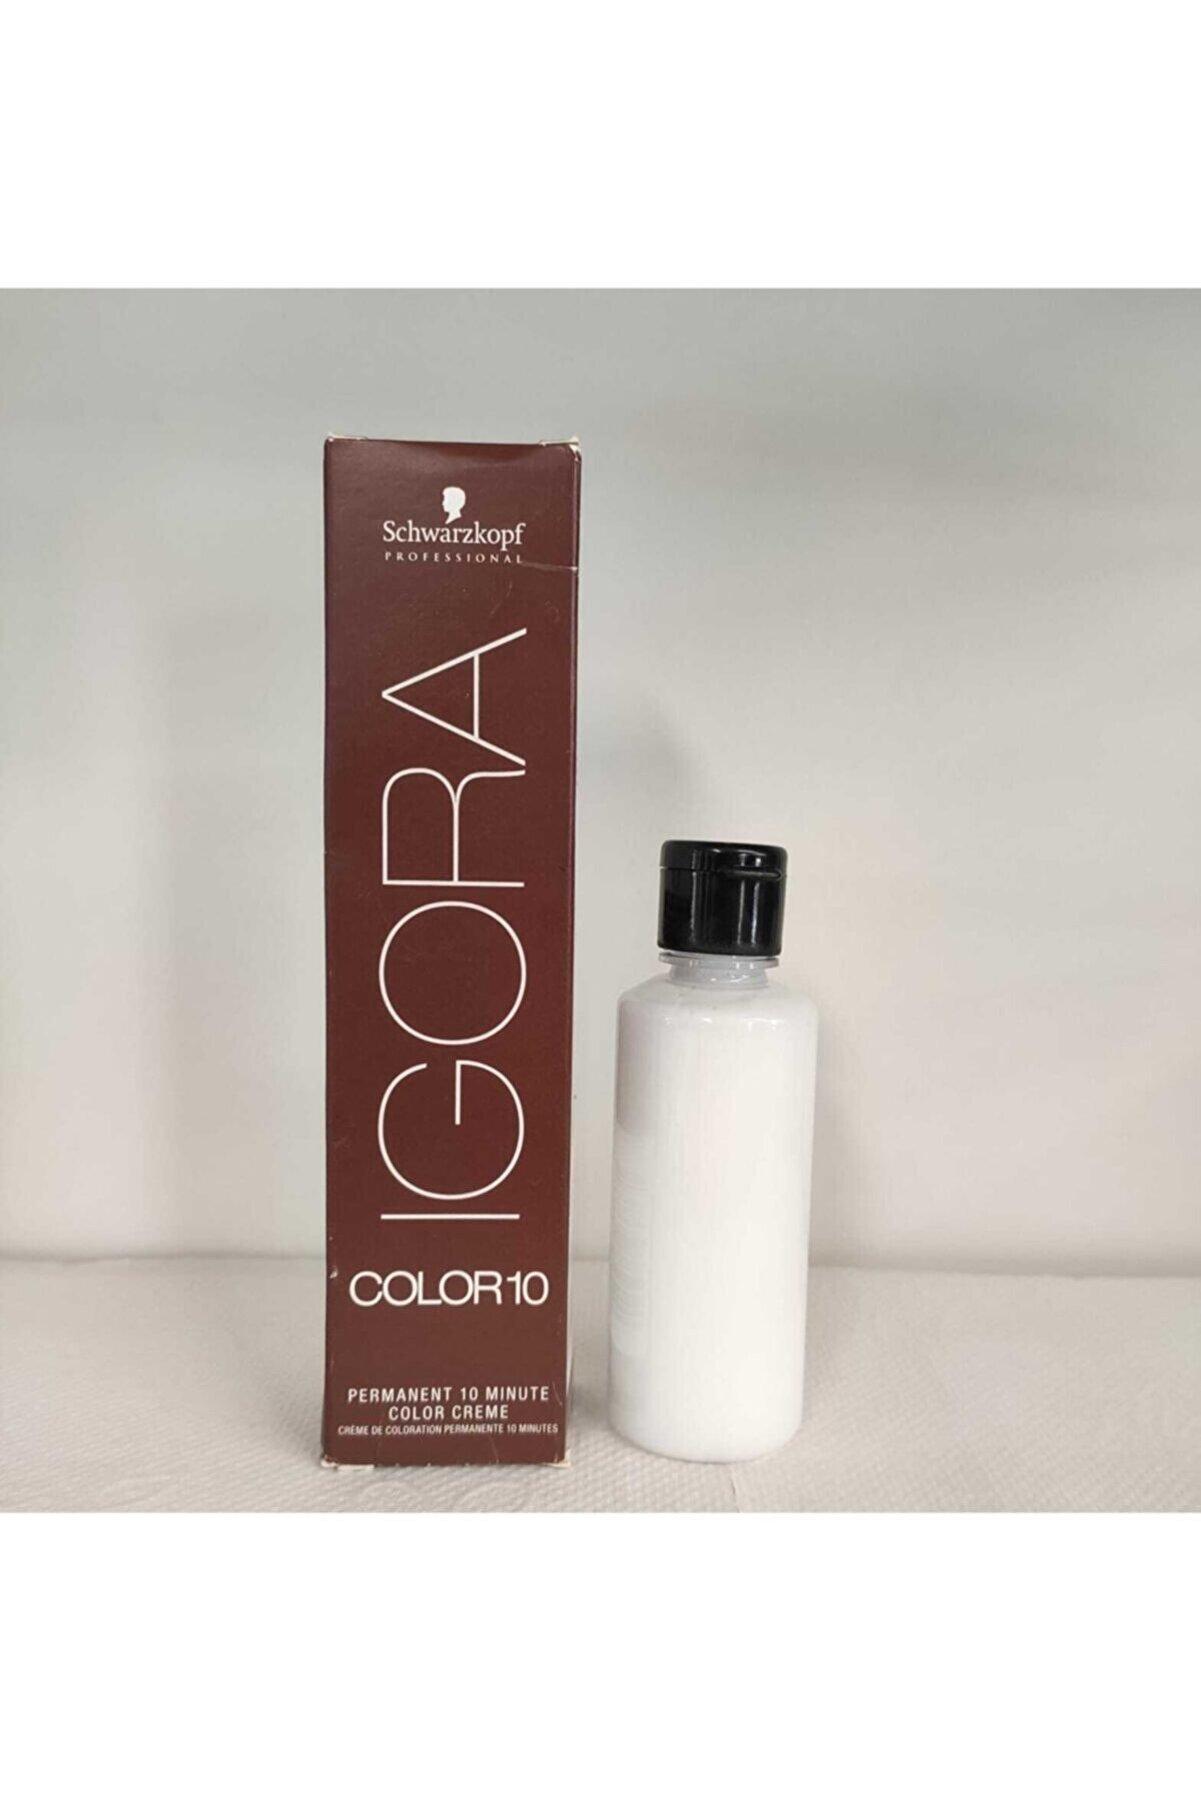 Schwarzkopf Sch Igora Color 10 9-12 Ekstra Açık Sarı Sandre Kül Boya + Oksidanı Ile (Emülsiyon) 60 Ml